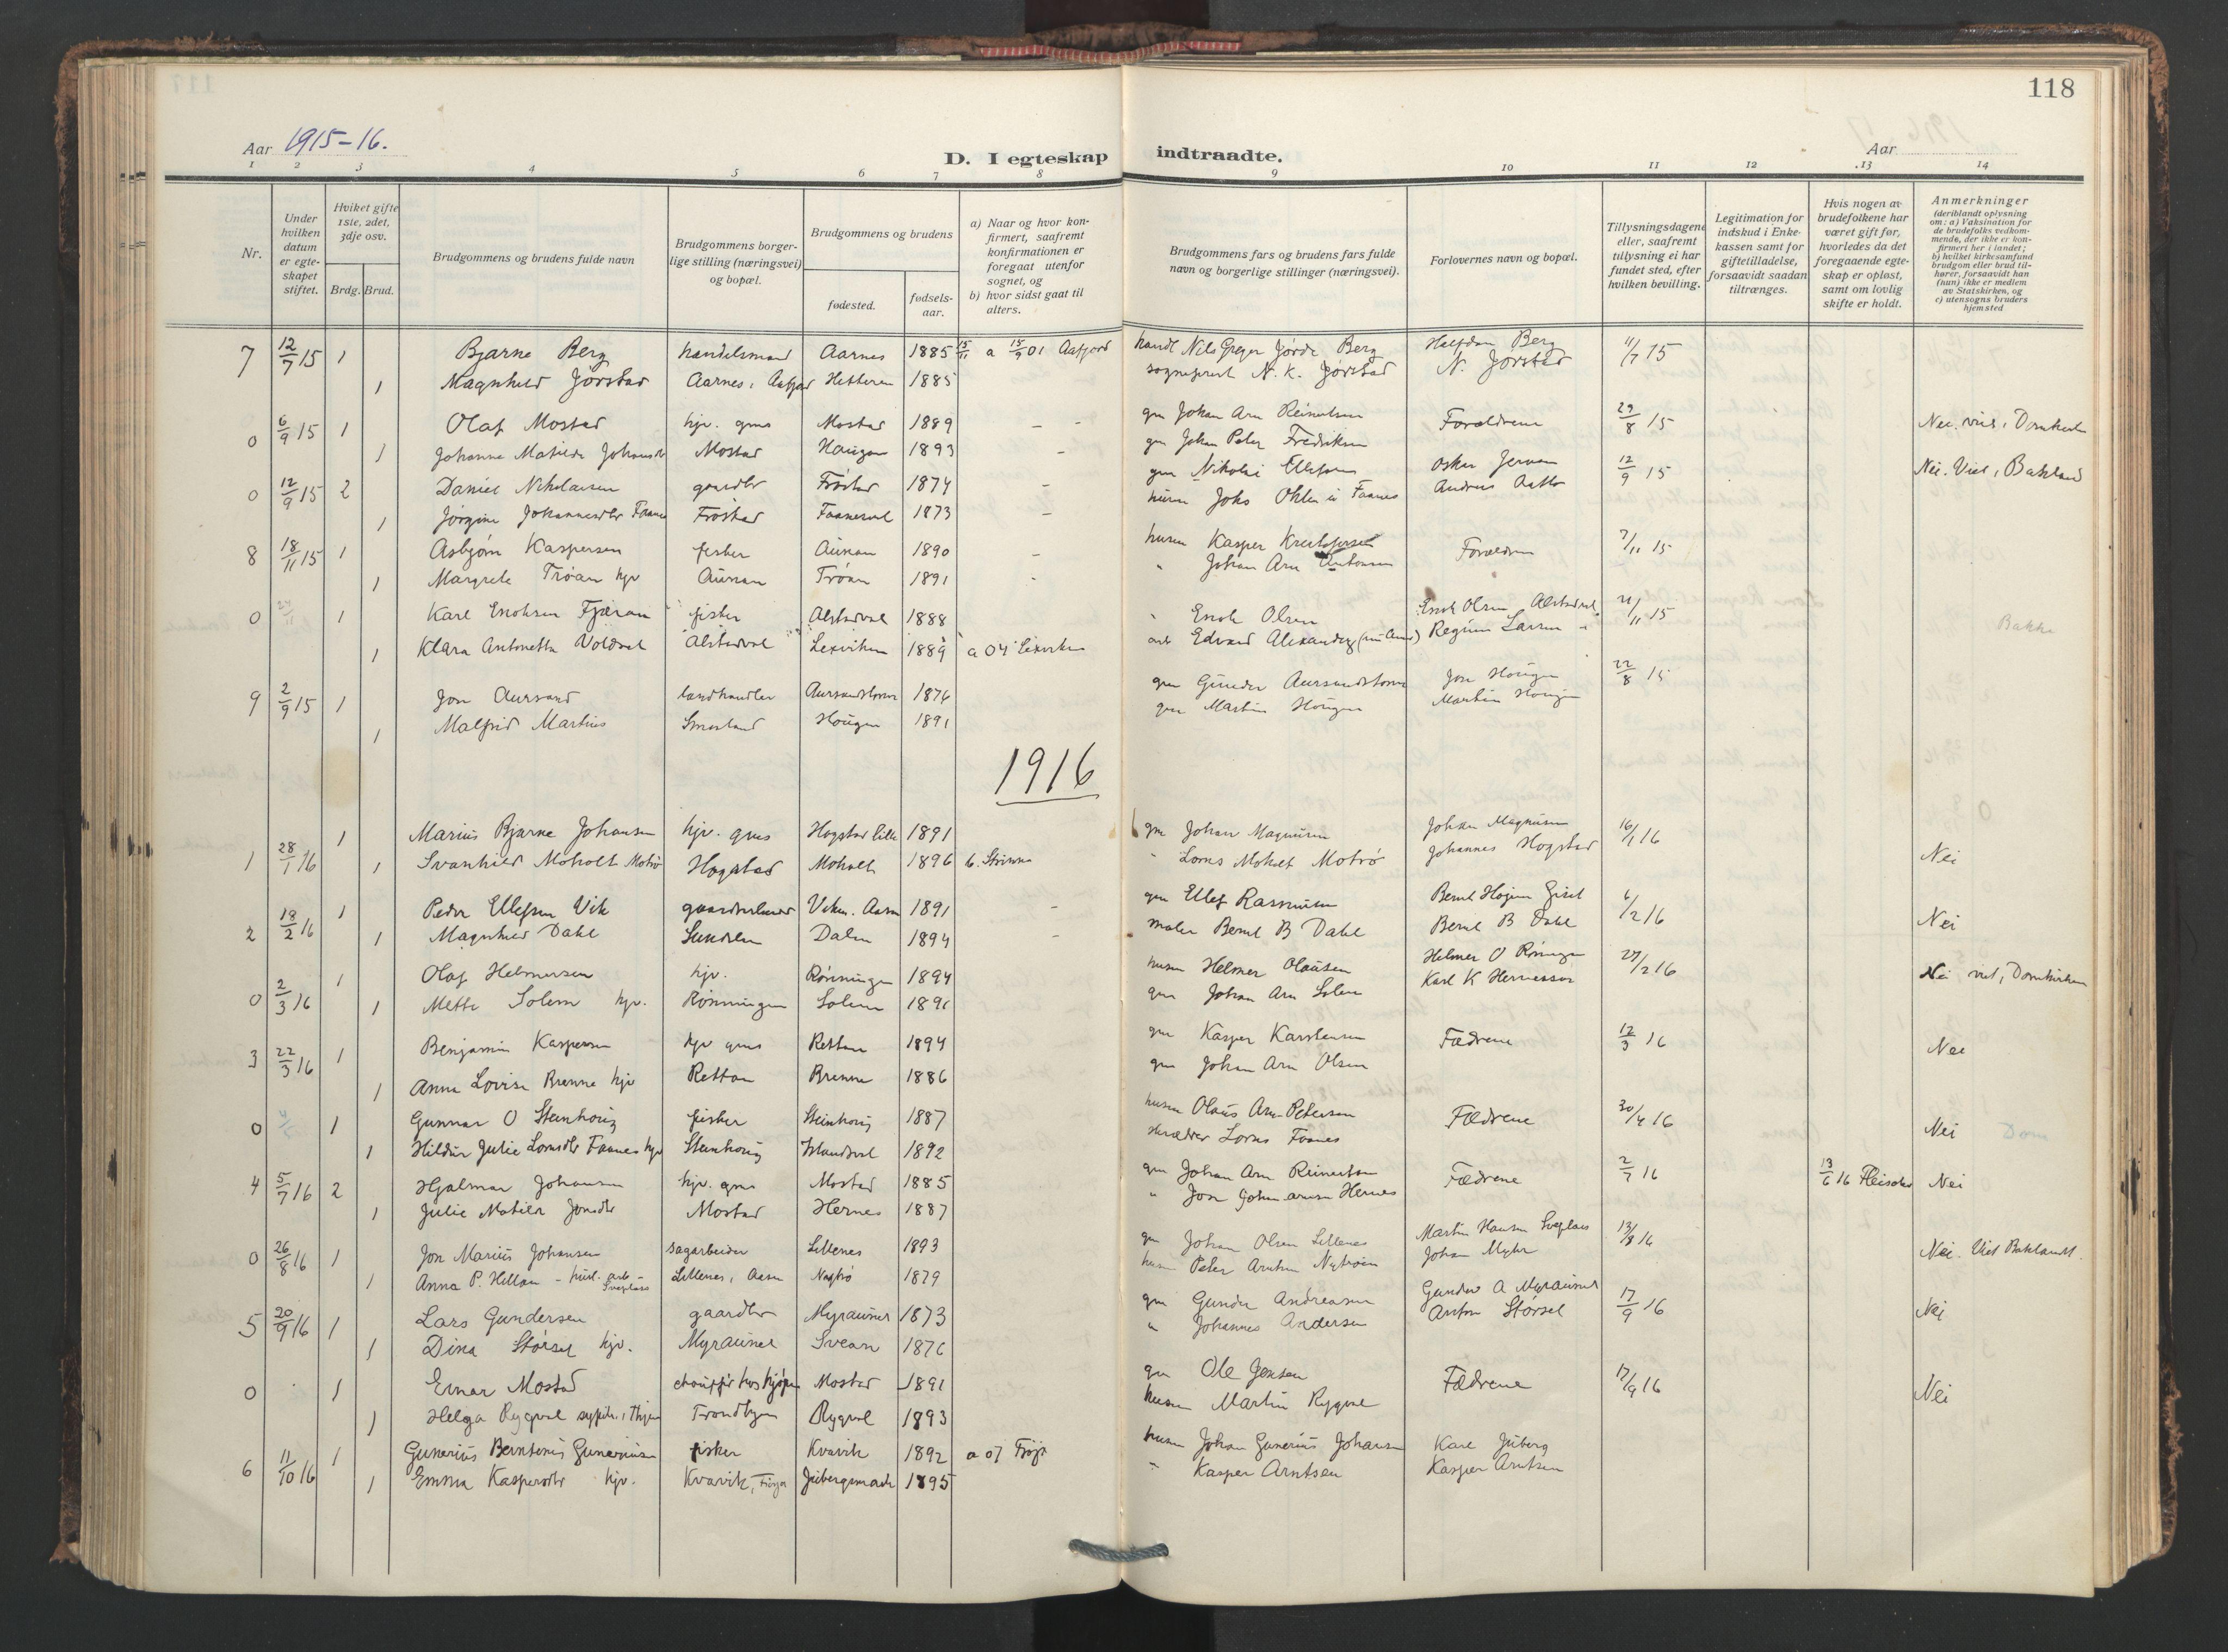 SAT, Ministerialprotokoller, klokkerbøker og fødselsregistre - Nord-Trøndelag, 713/L0123: Ministerialbok nr. 713A12, 1911-1925, s. 118